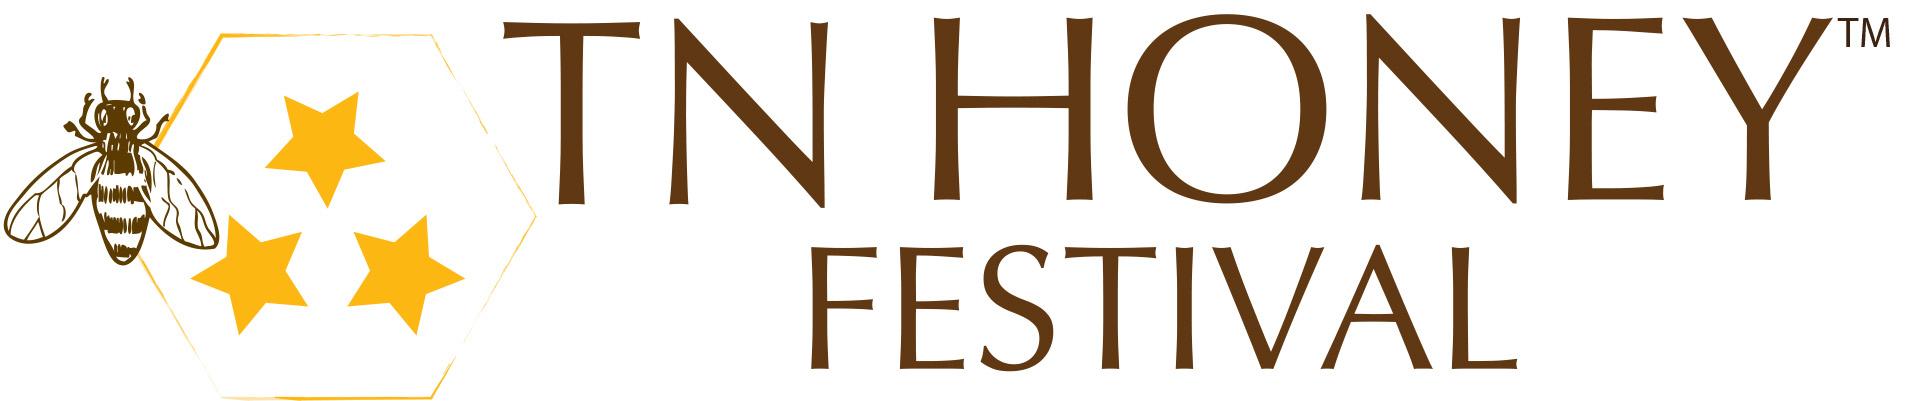 2021-tn-honey_header_logo